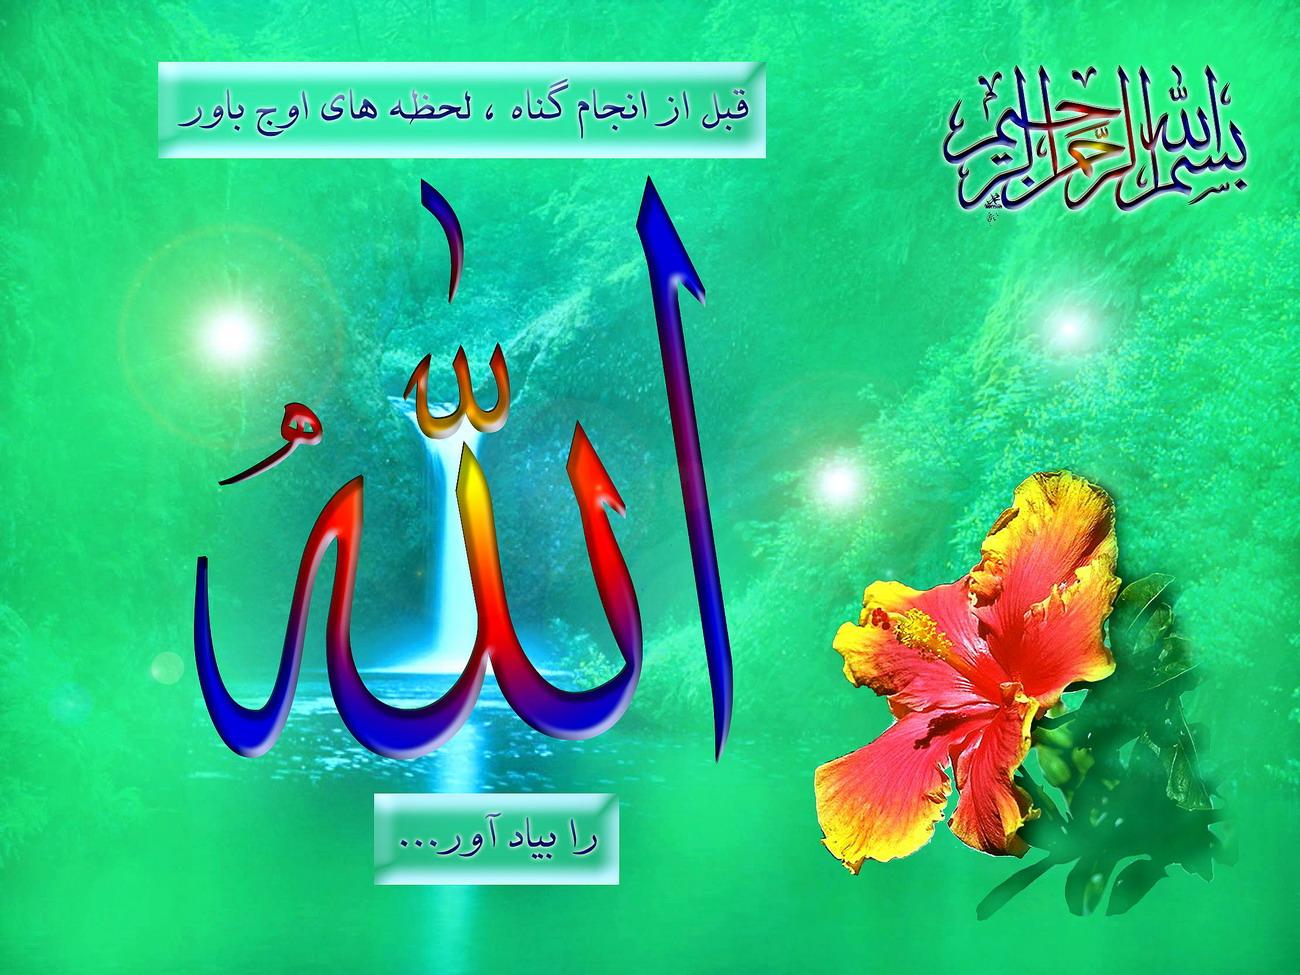 Tulisan Arab Allah Kaligrafi Bisa Dicopy Masnasih Com